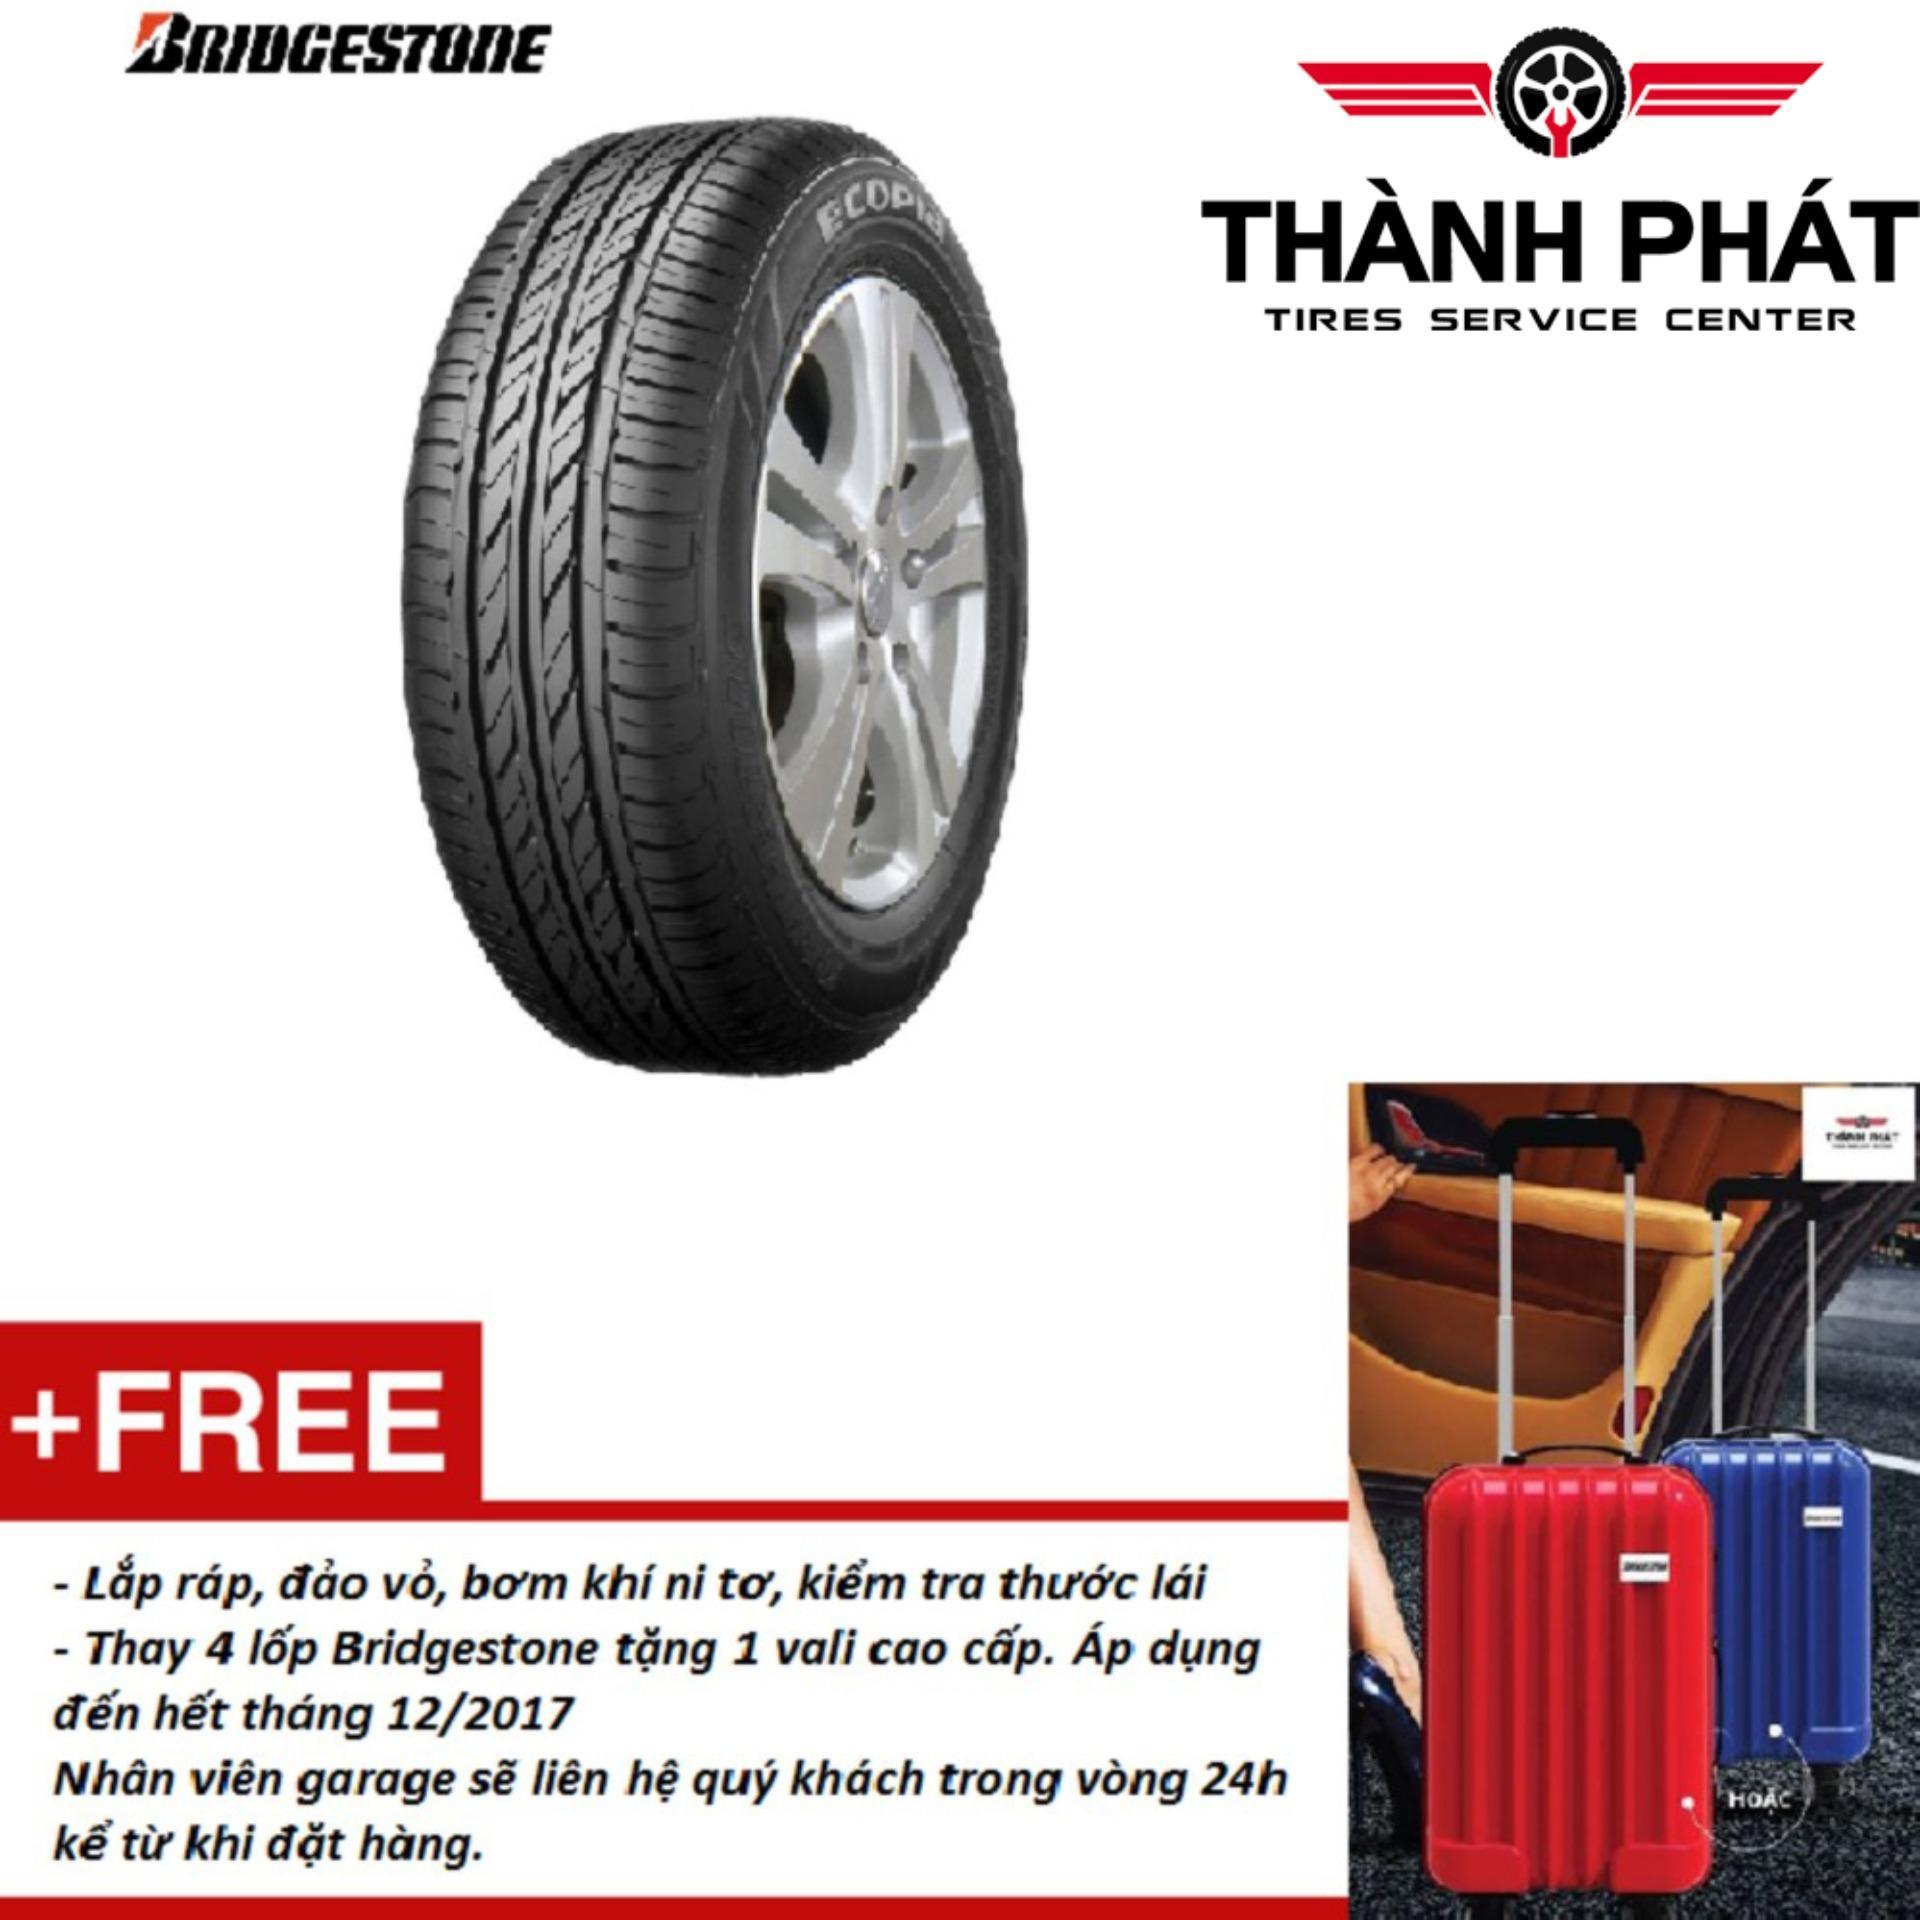 Lốp xe ô tô Bridgestone Ecopia 225/55R18 Miễn phí lắp đặt Nhật Bản